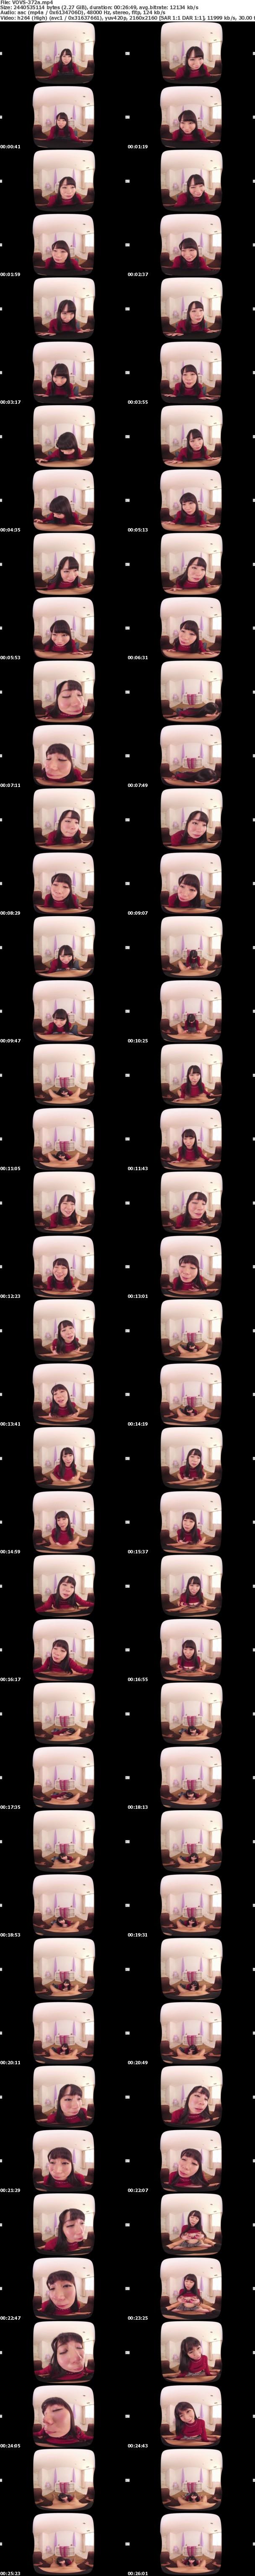 VR/3D [VOVS-372] 【VR】長尺55分・高画質 イラマ大好きメ●ヘラ彼女 イラマ専用カットあり 琴水せいら